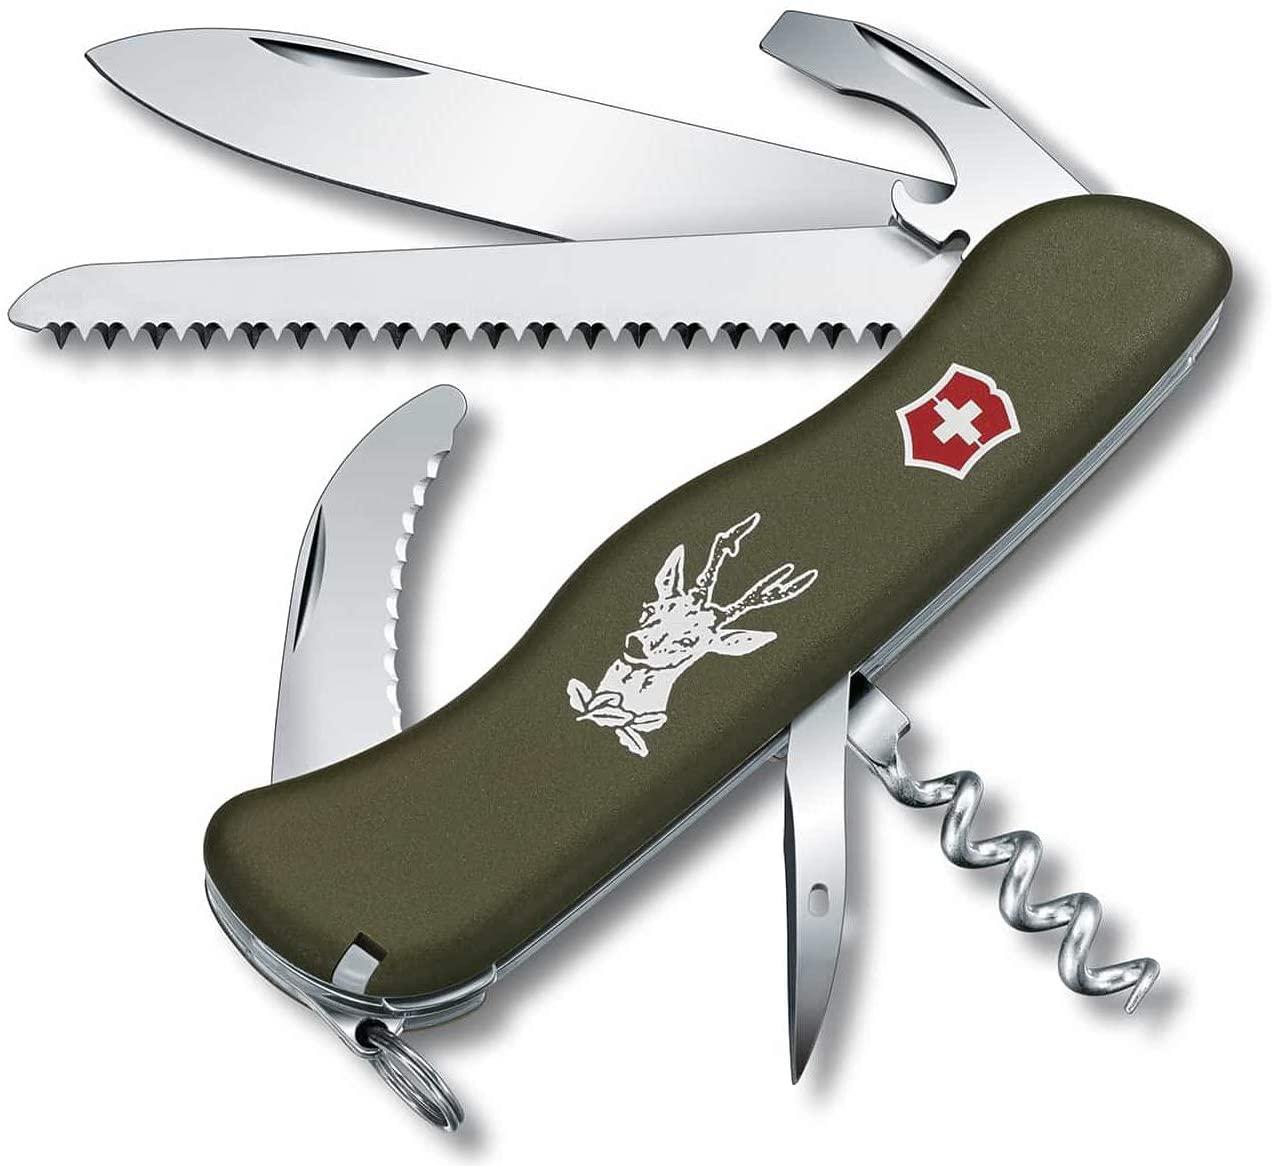 Victorinox Hunter Green Olive - Swiss Army Pocket Knife 111 mm - 12 Tools